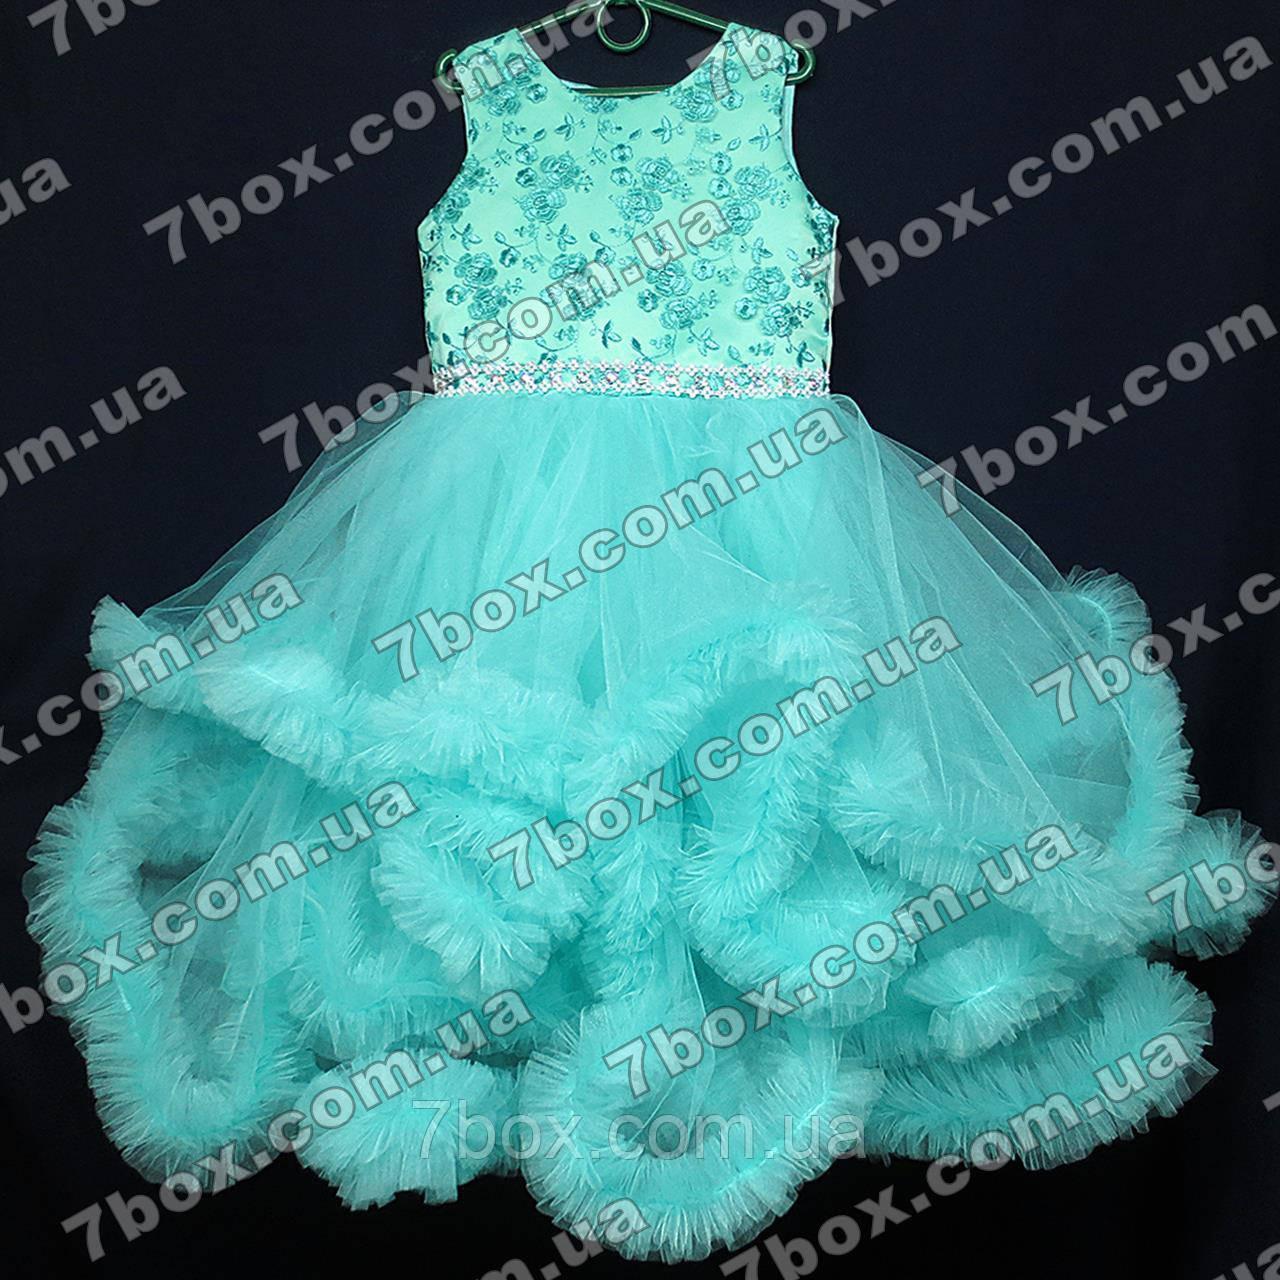 Детское платье ОБЛАКО (мятное, бирюзовое) Возраст 6-8 лет.